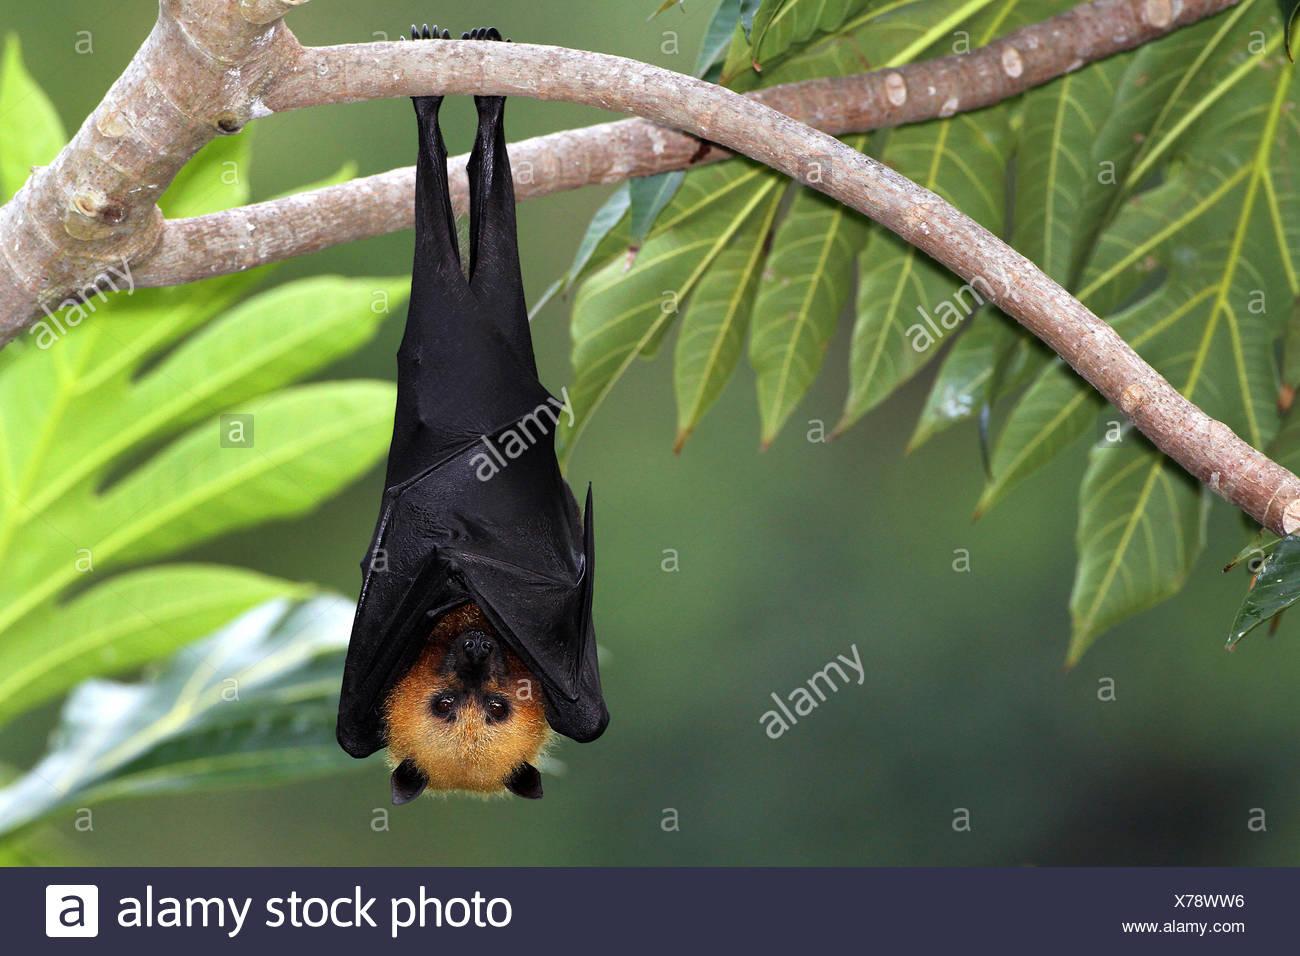 Seychellen-Flughund, Seychellenflughund (Pteropus Seychellensis), Haengt eine Einem Ast Im Baum, Seychellen | Seychellen fliegen fo Stockbild